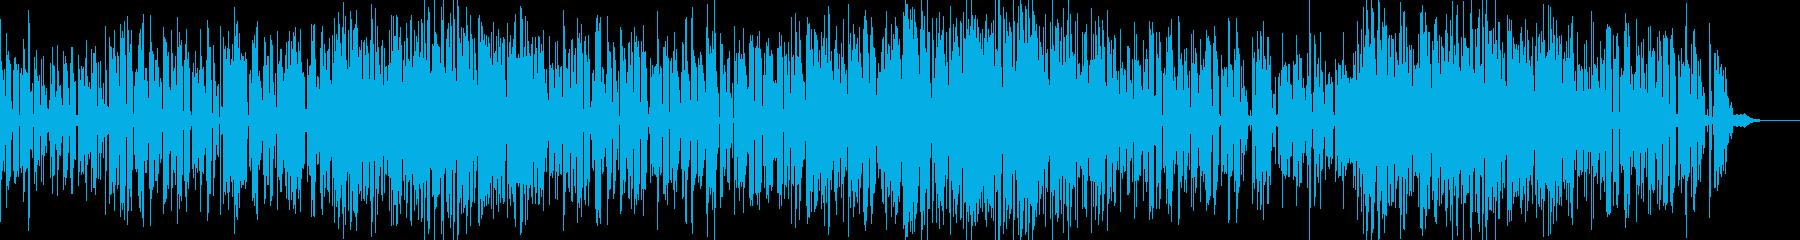 お洒落なジャズピアノトリオ17 クールの再生済みの波形